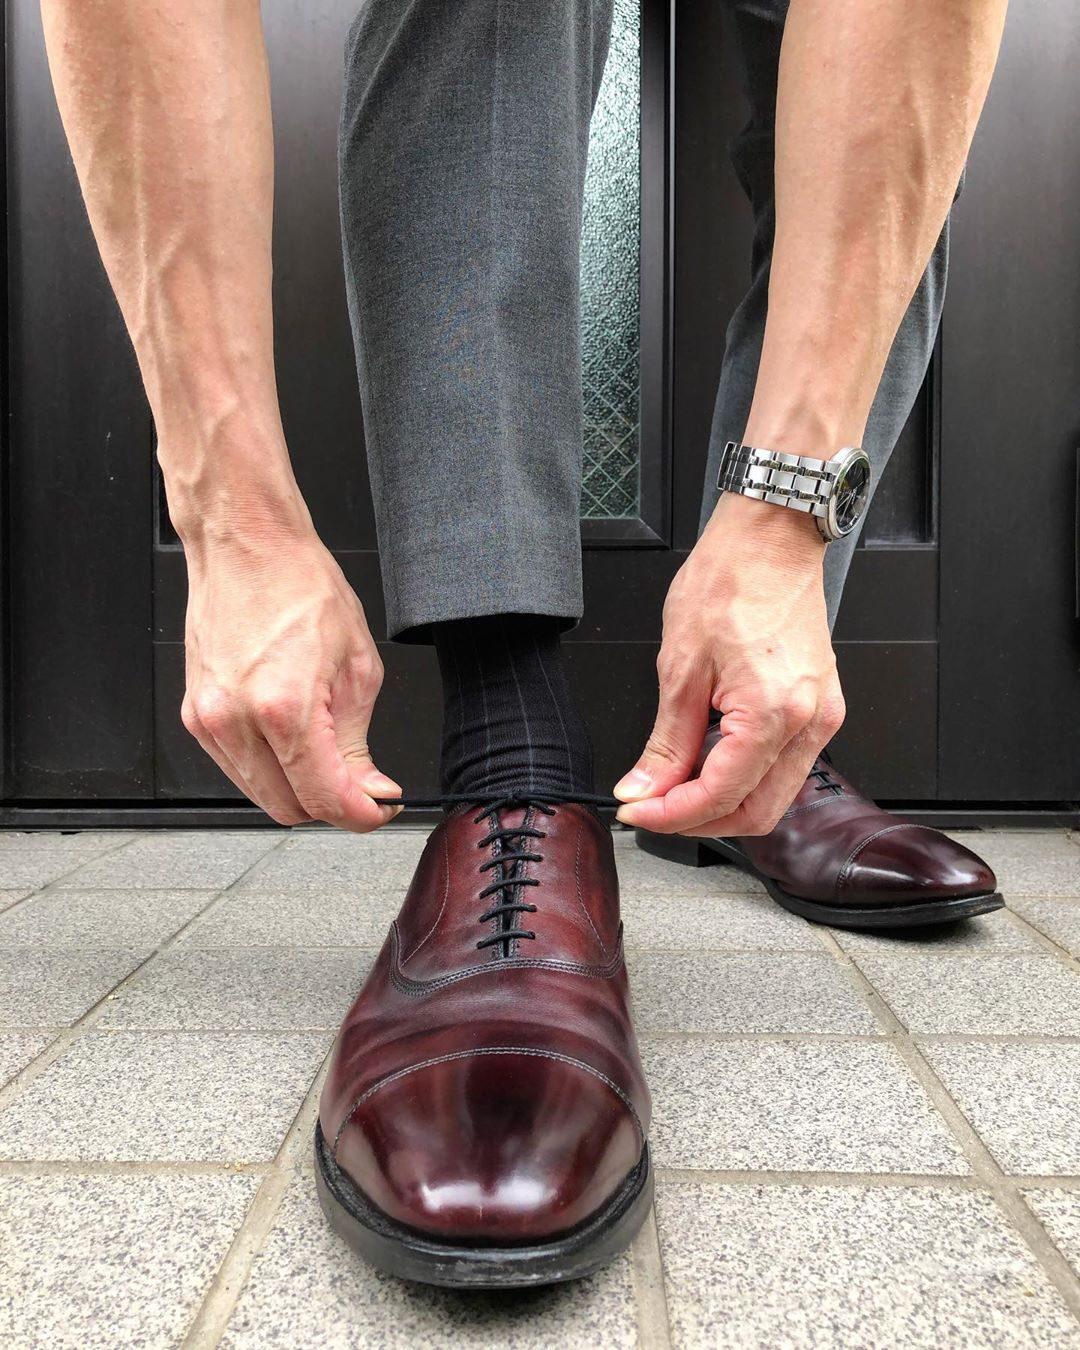 Un exemple typique de la façon dont beaucoup portent des richelieu de nos jours. Il est préférable que les garants se touchent et ne soient pas écartés comme c'est le cas ici. (source Styleforum)